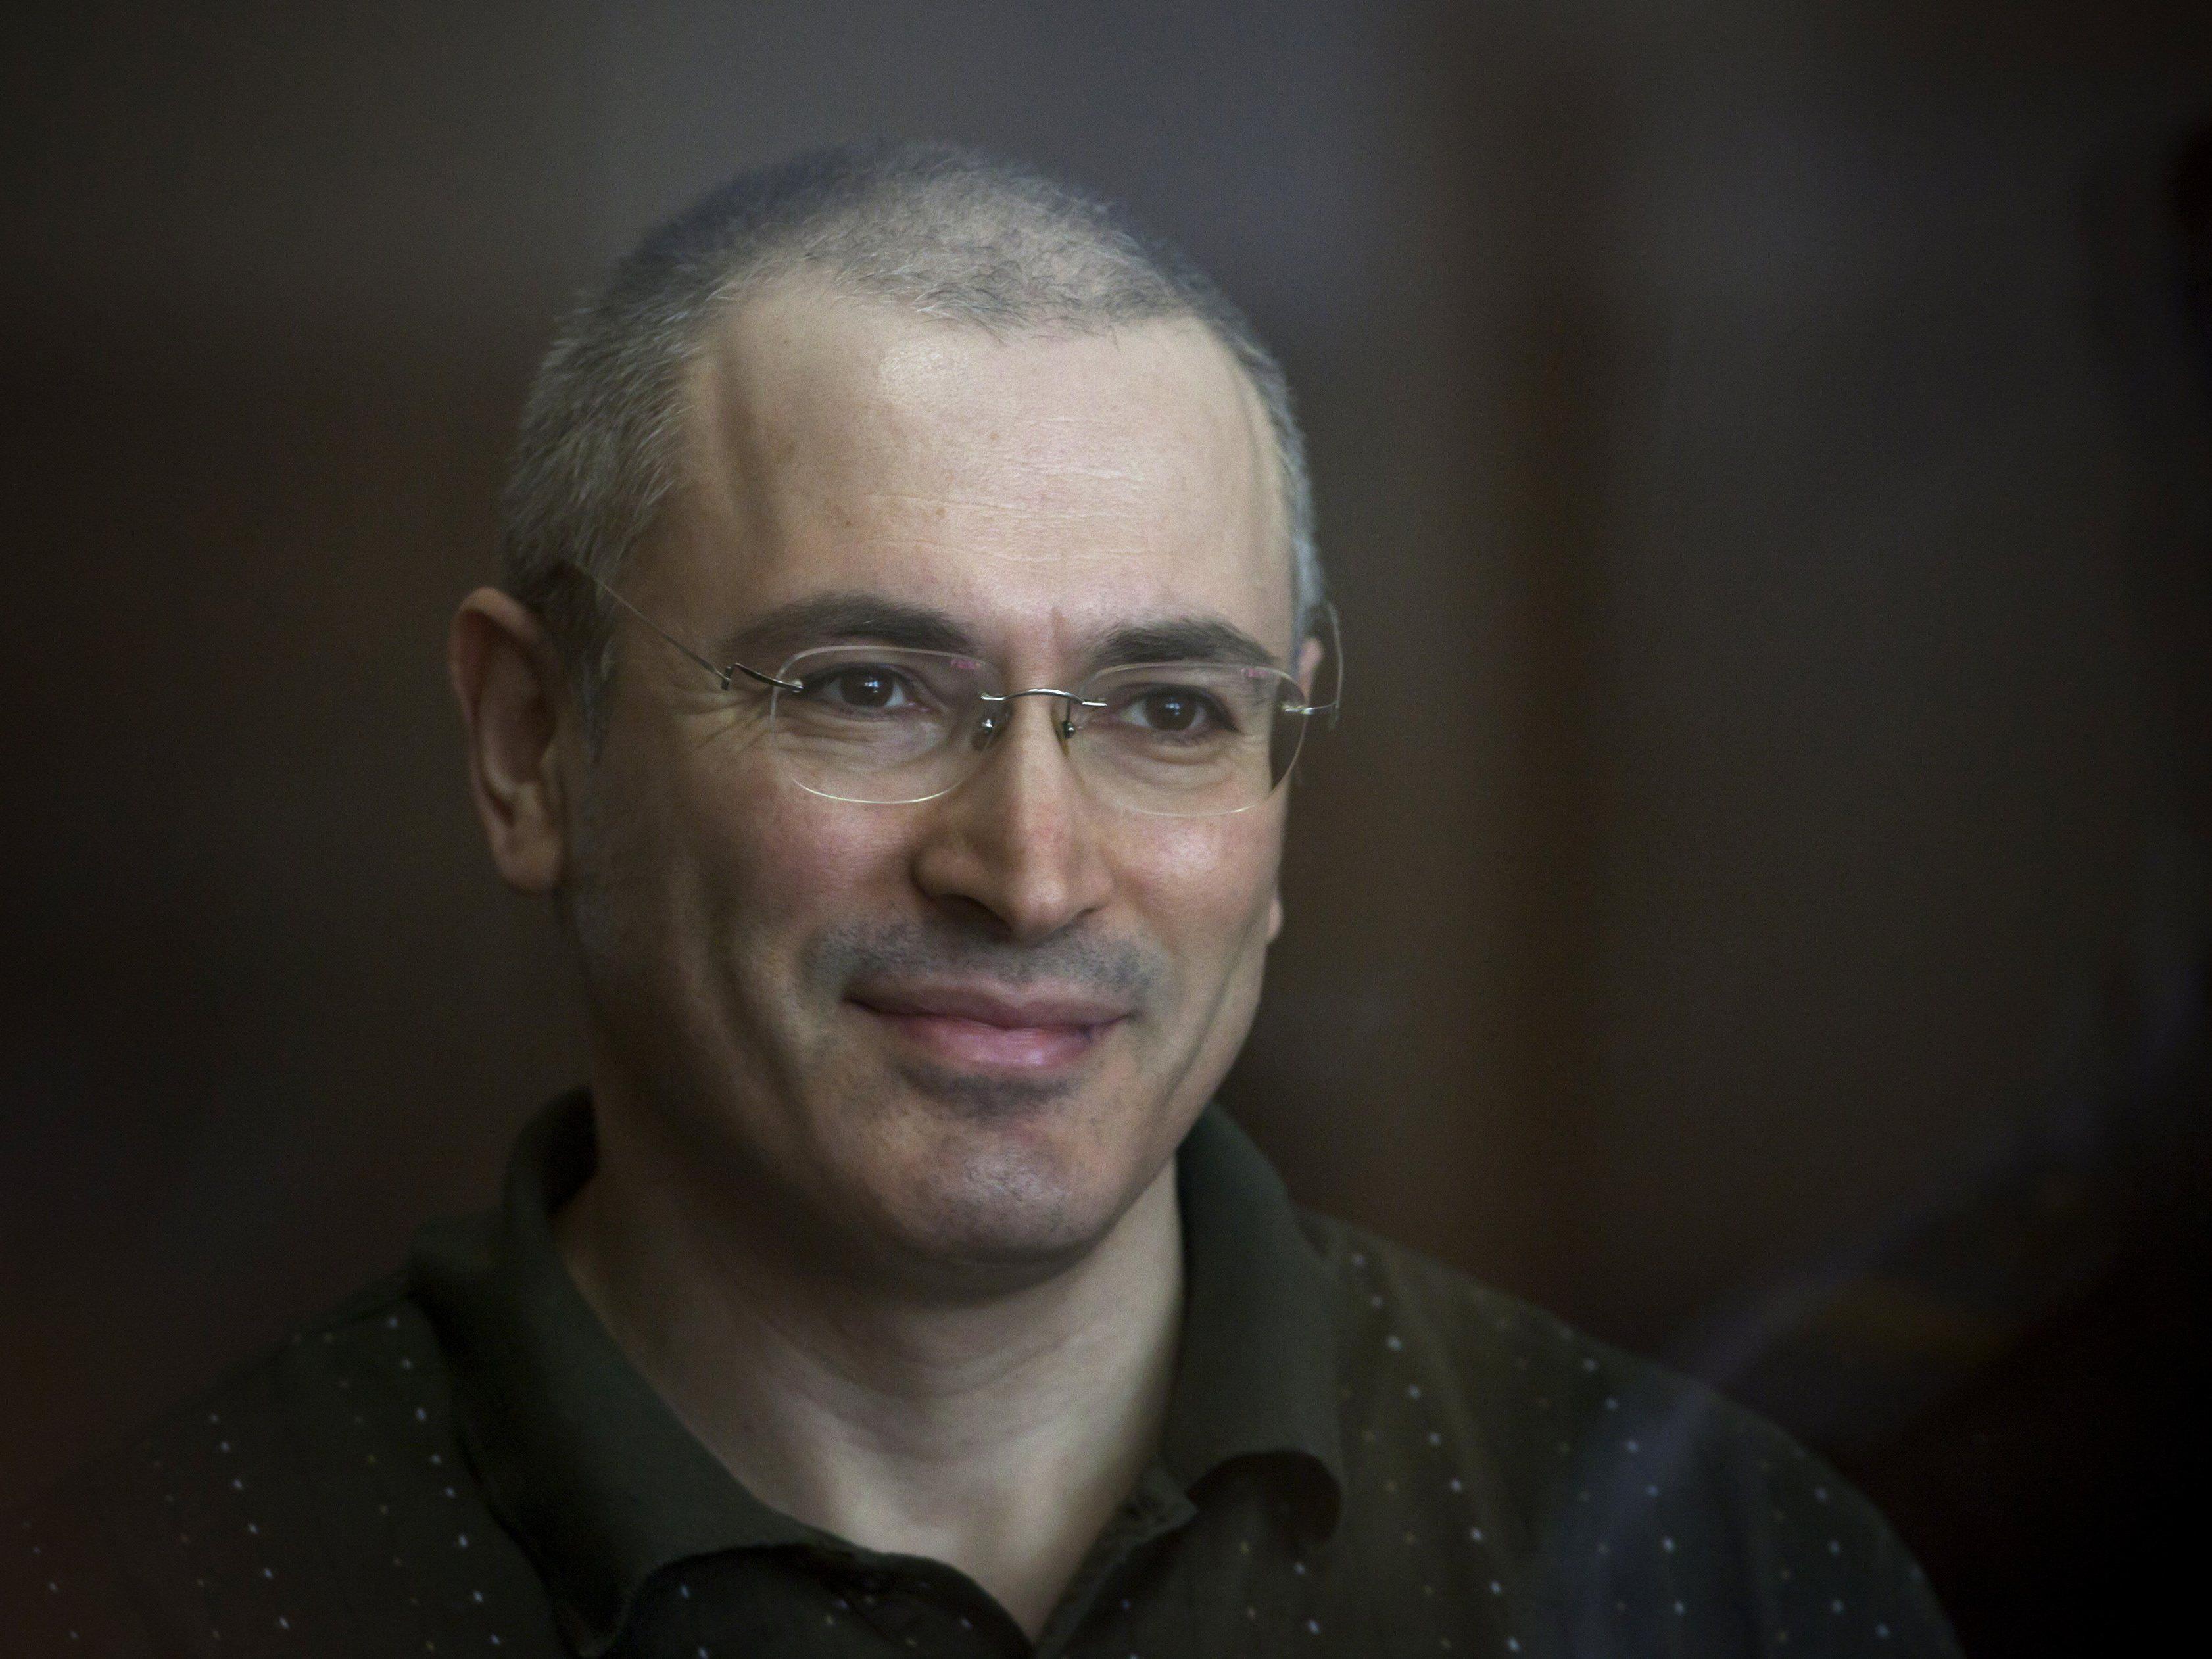 Der russische Kreml-Kritiker Michail Chodorkowski ist nach zehn Jahren Haft wieder in Freiheit.